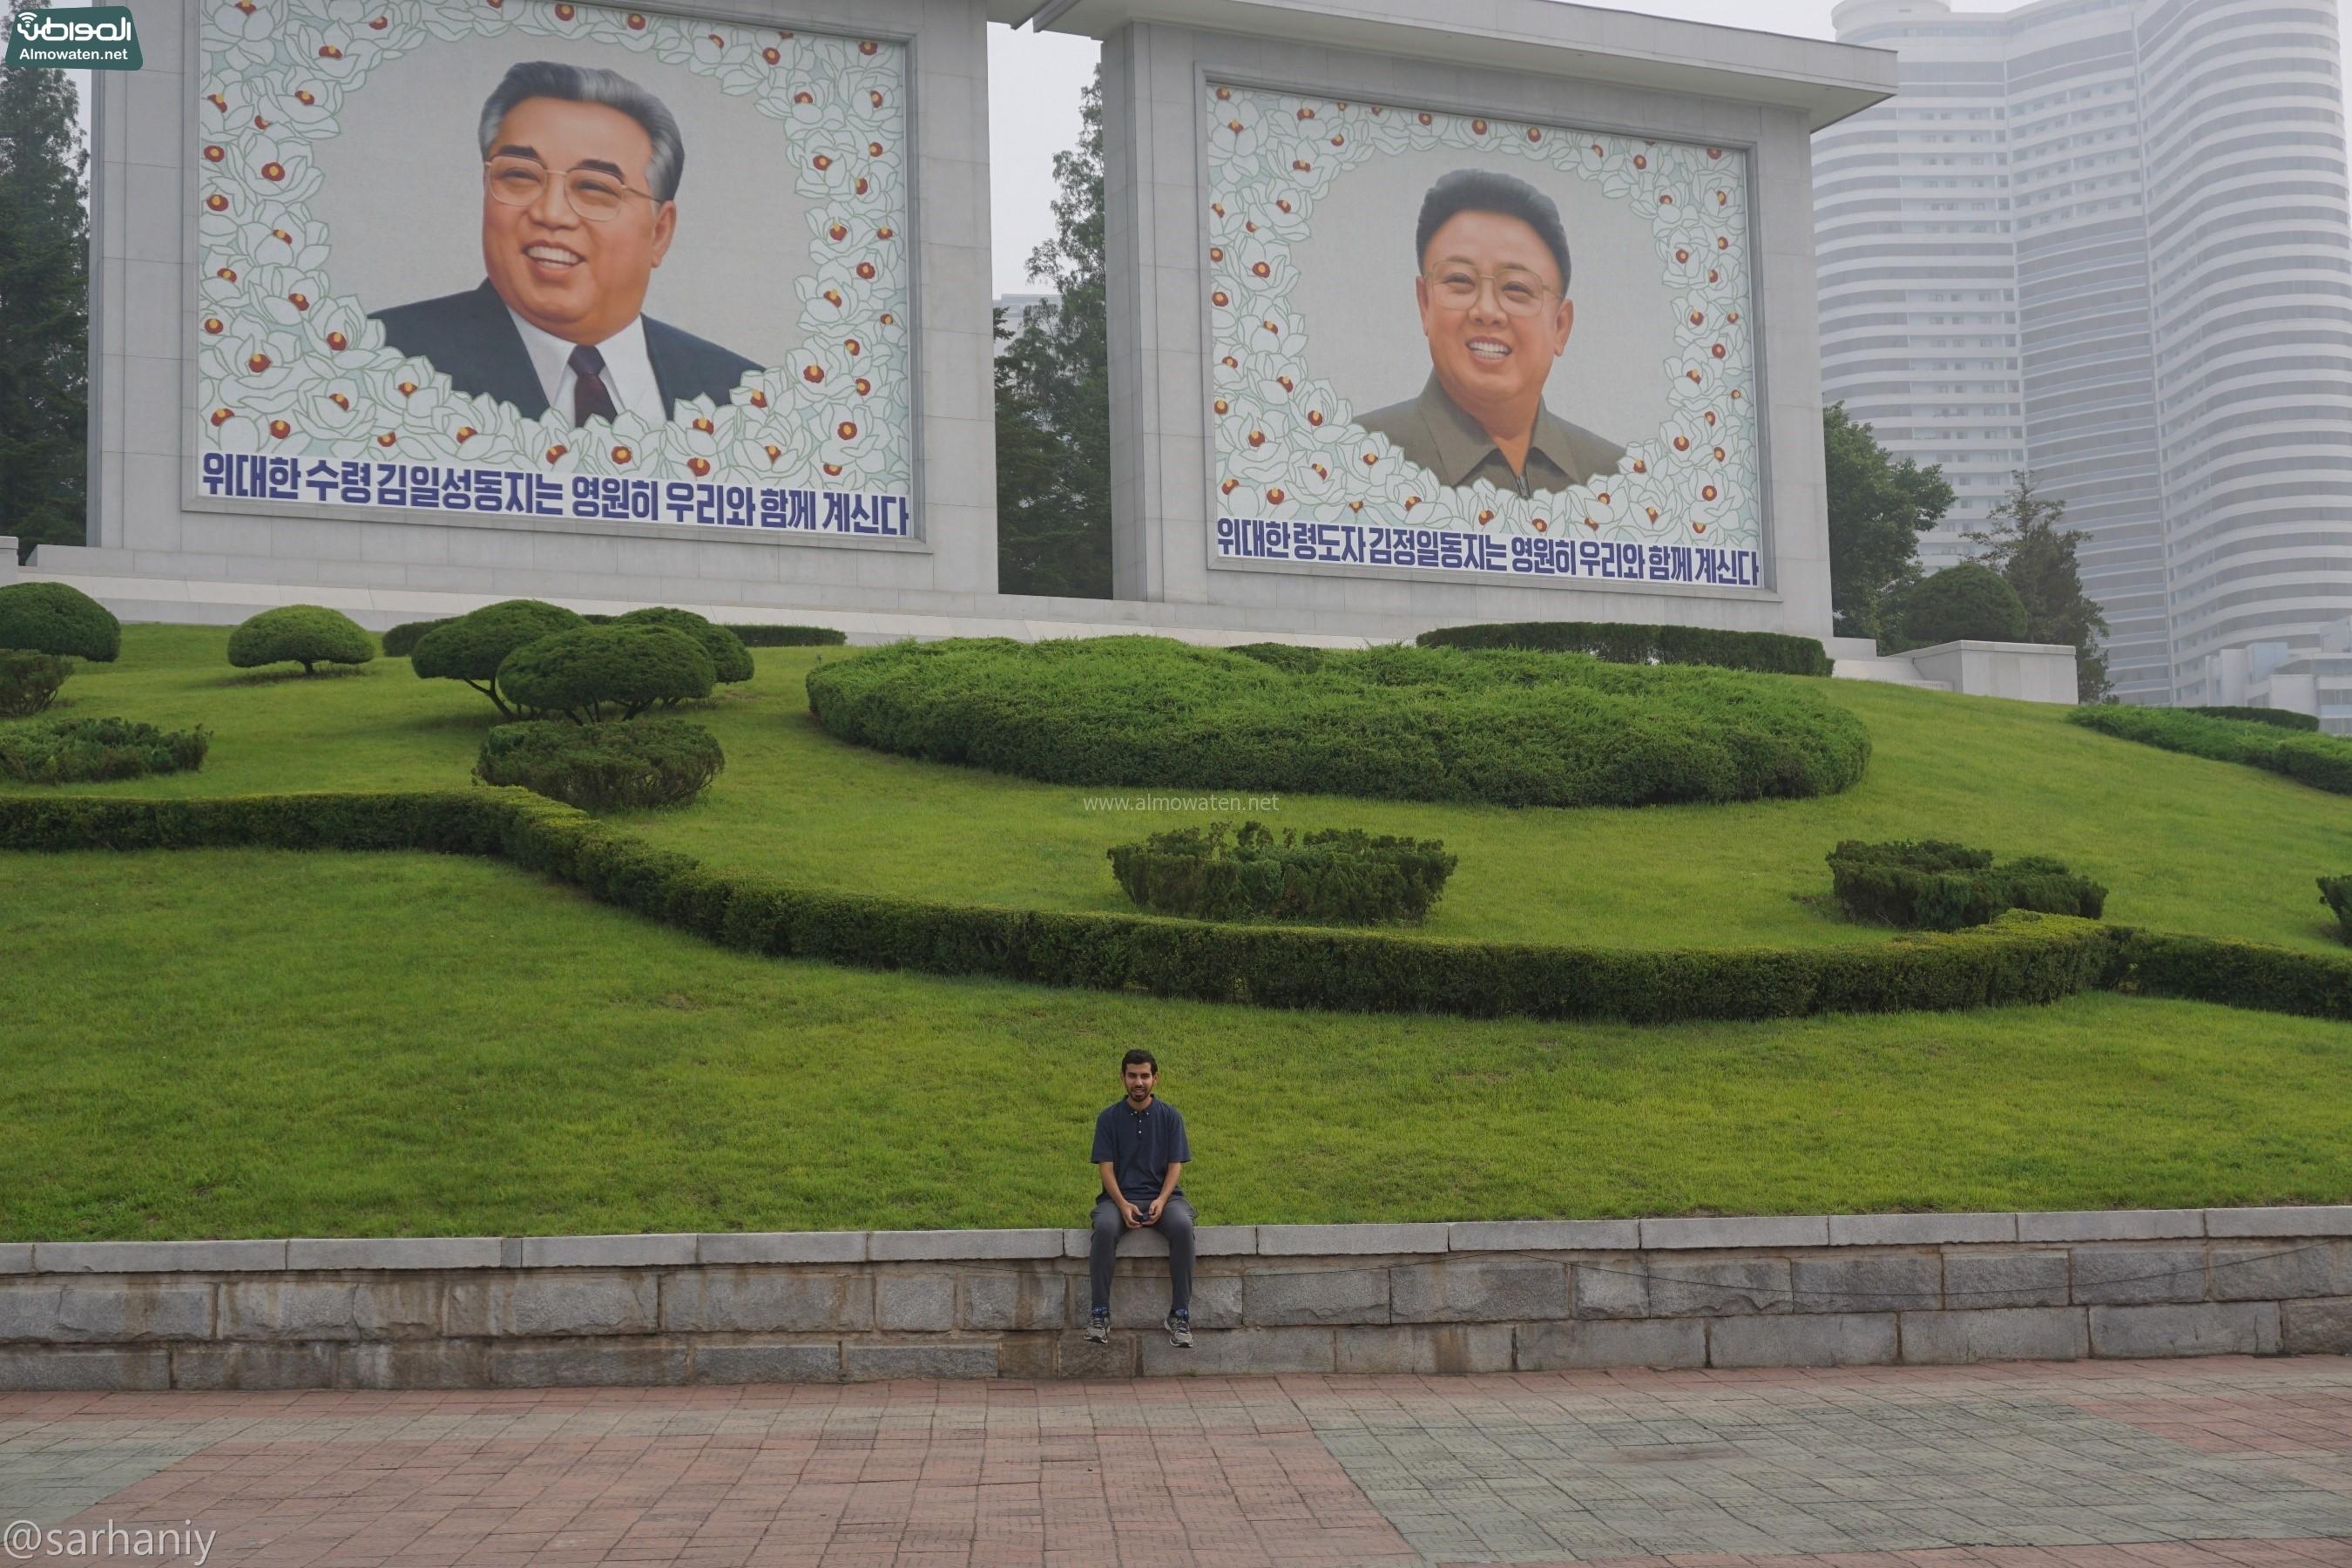 رحلة مغامر سعودي بكوريا الشمالية (5)